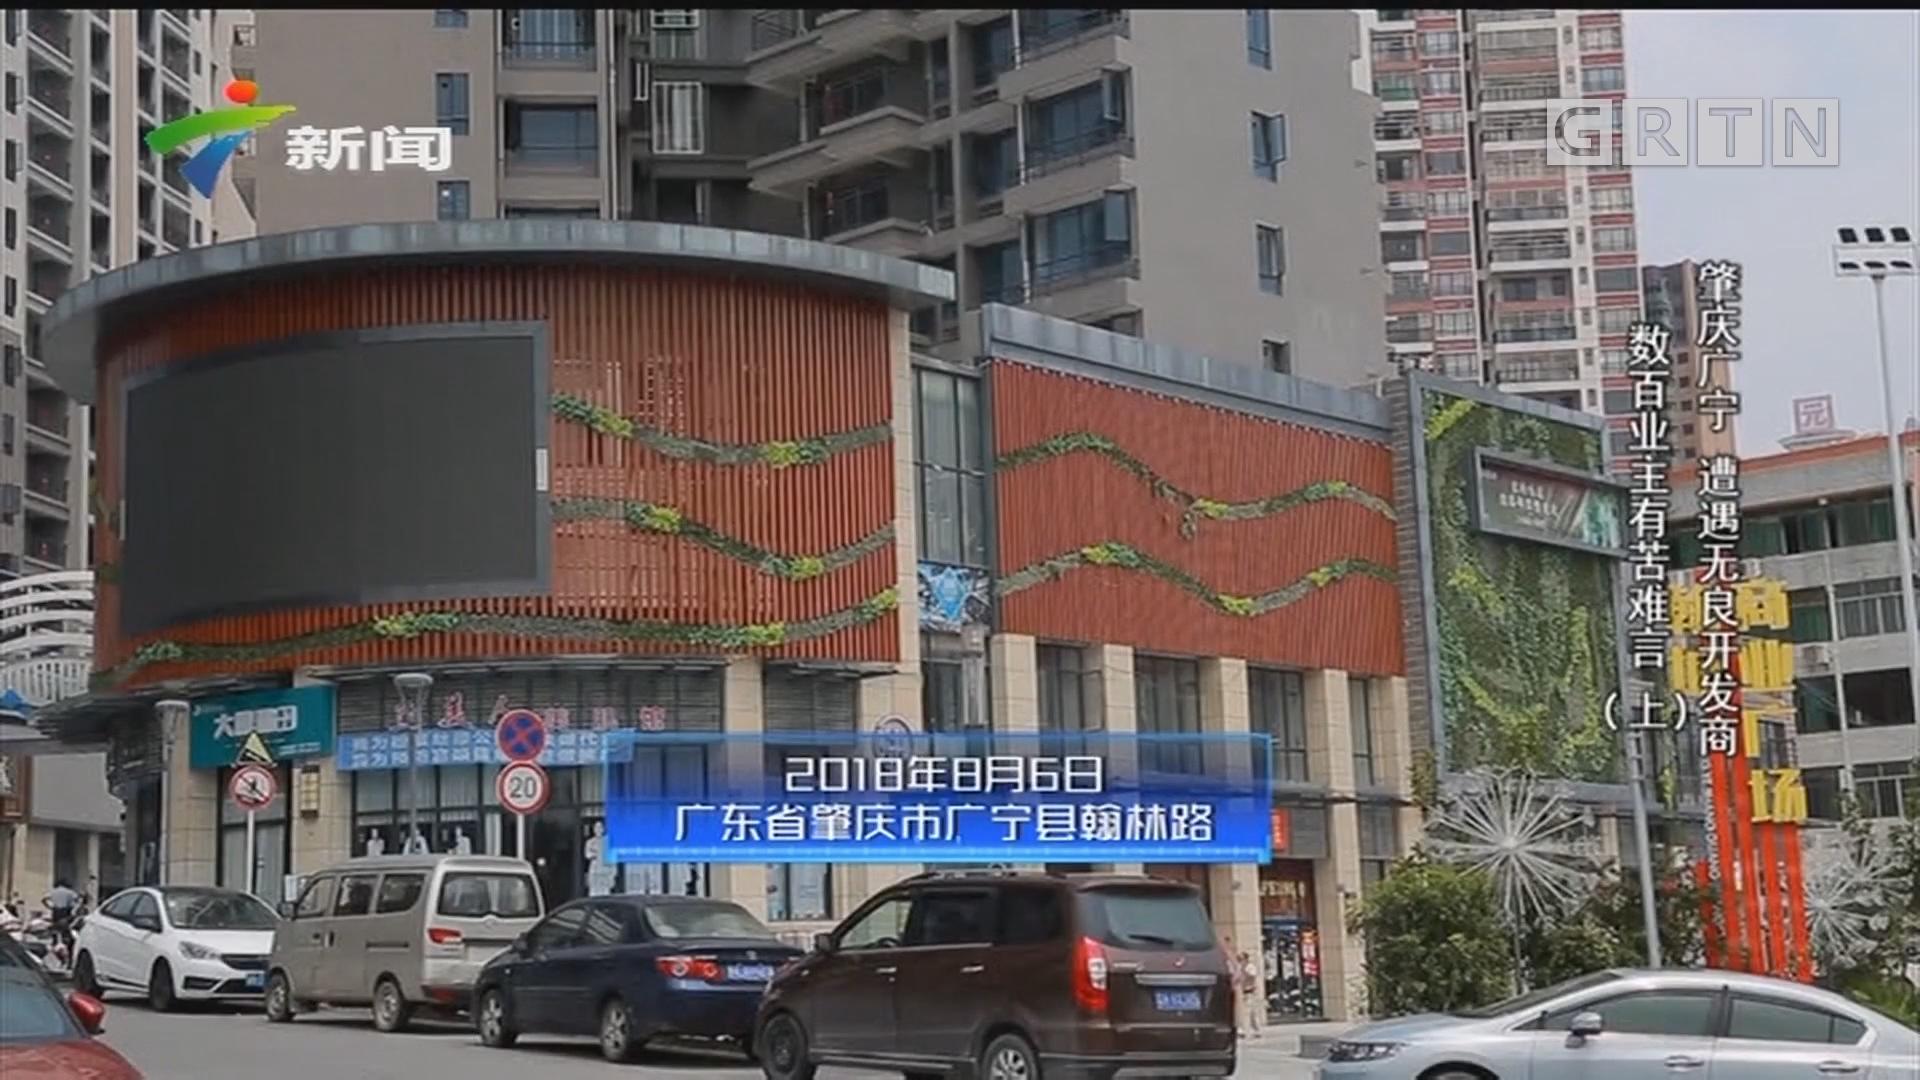 [HD][2019-09-02]社会纵横:肇庆广宁 遭遇无良开发商 数百业主有苦难言(上)